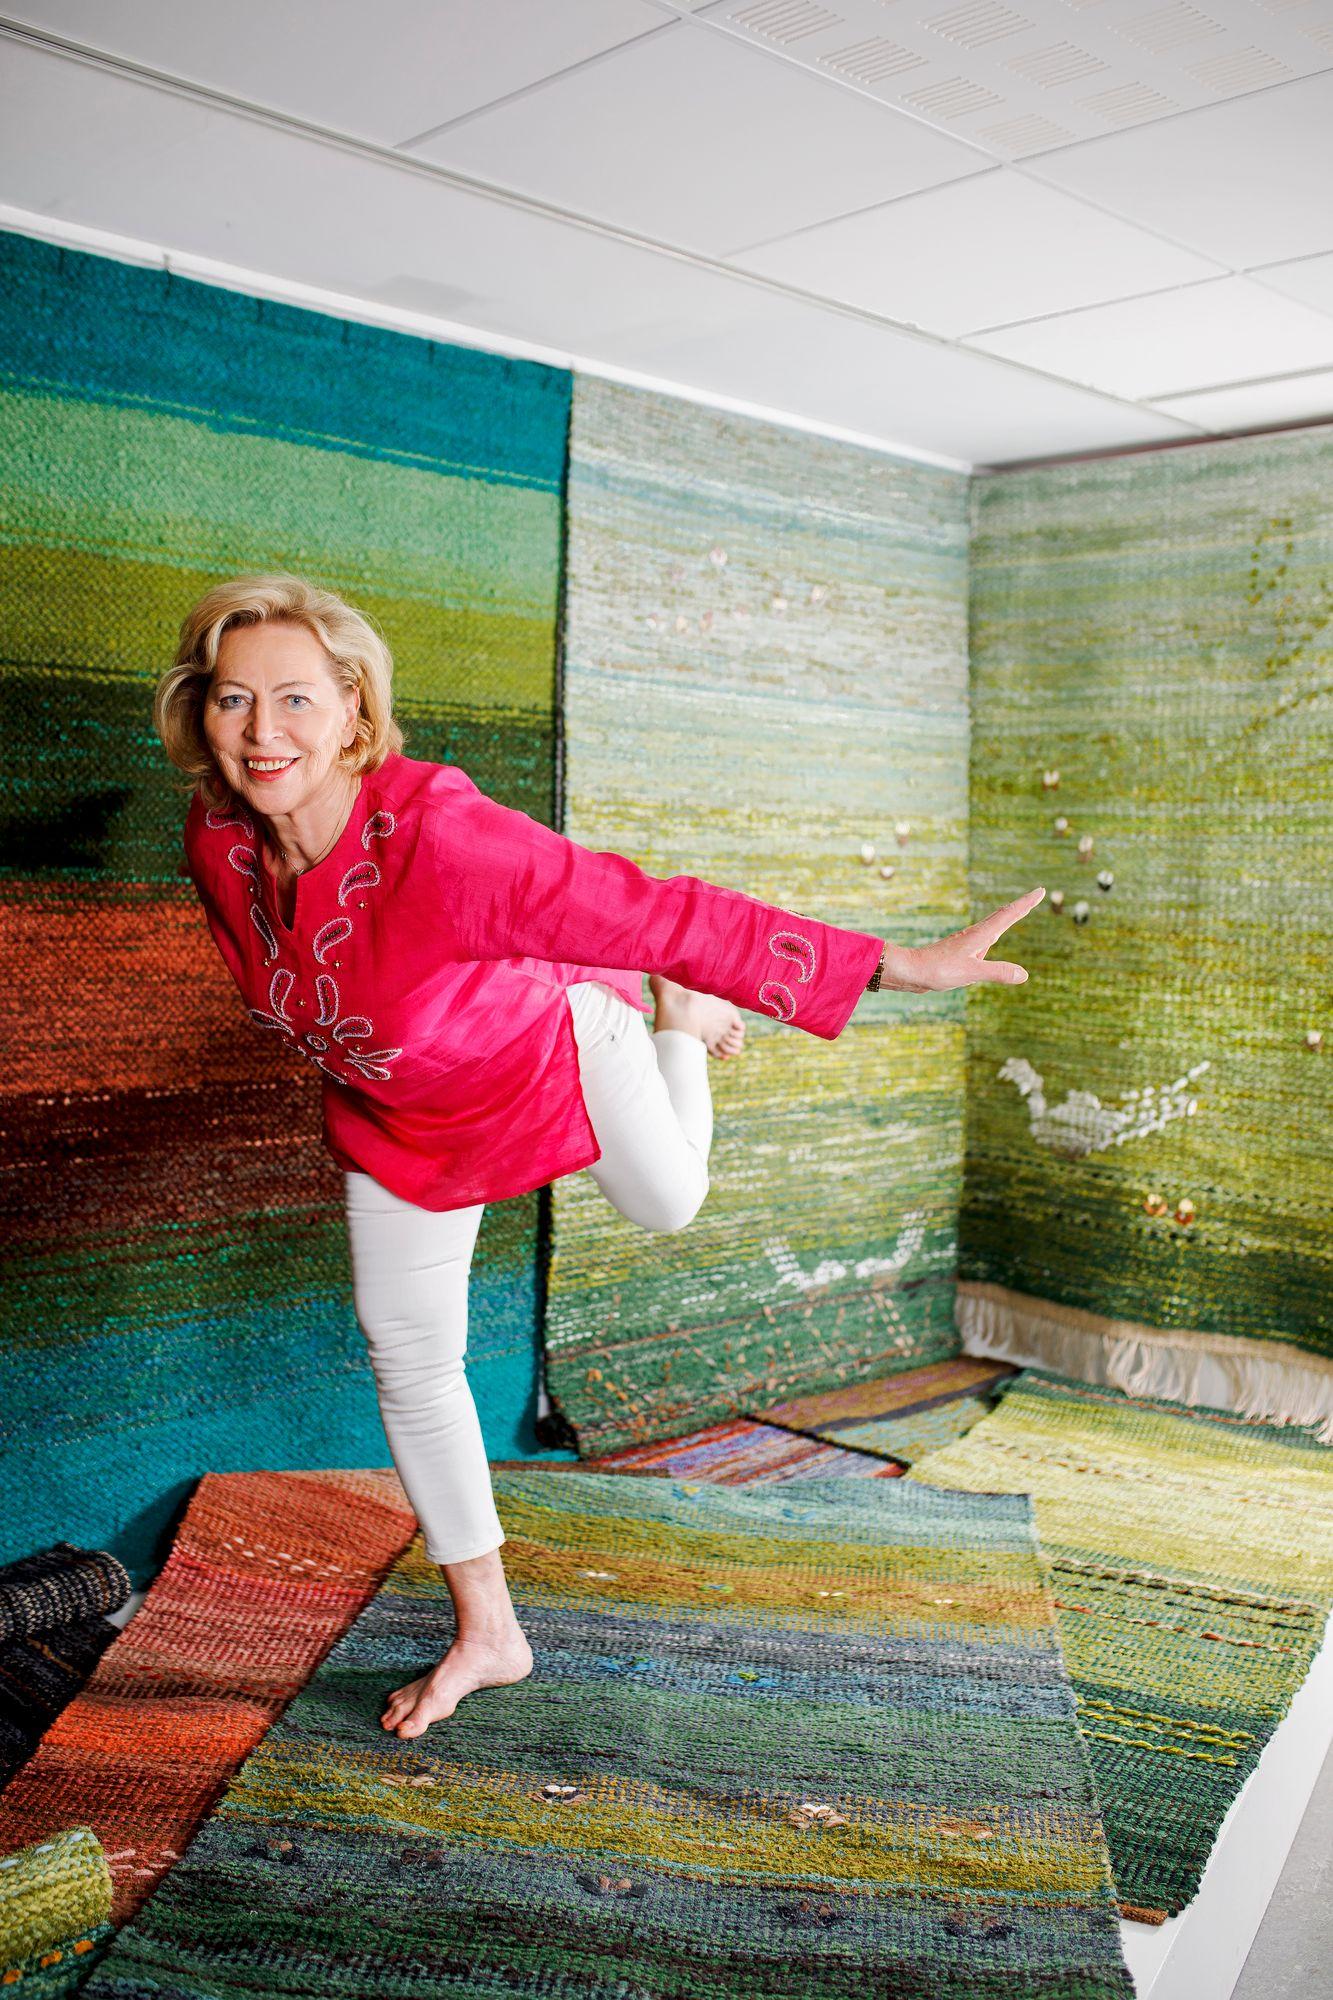 Virtaa täynnä oleva Eija Rasinmäki tekee tasapainoharjoituksia hänen suunnittelemassaan mattojen metsässä. © Hanna-Kaisa Hämäläinen